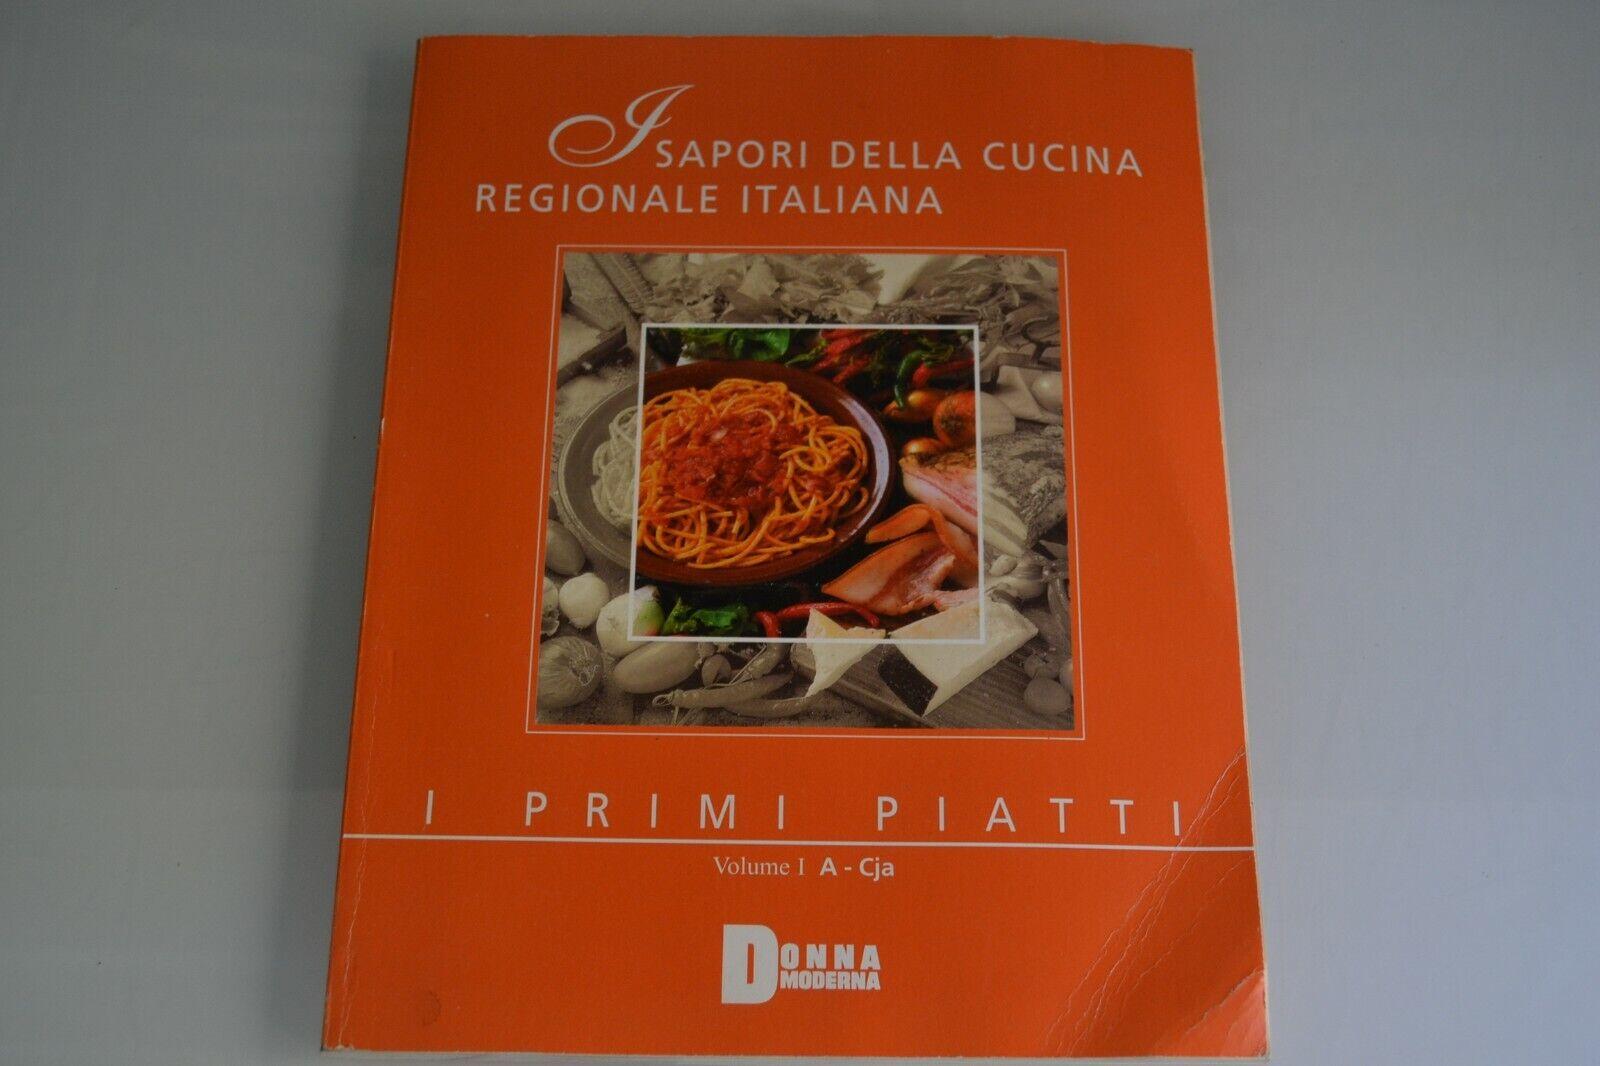 Sapori cucina regionale italiana Primi piatti Donna moderna - LETTERABIT